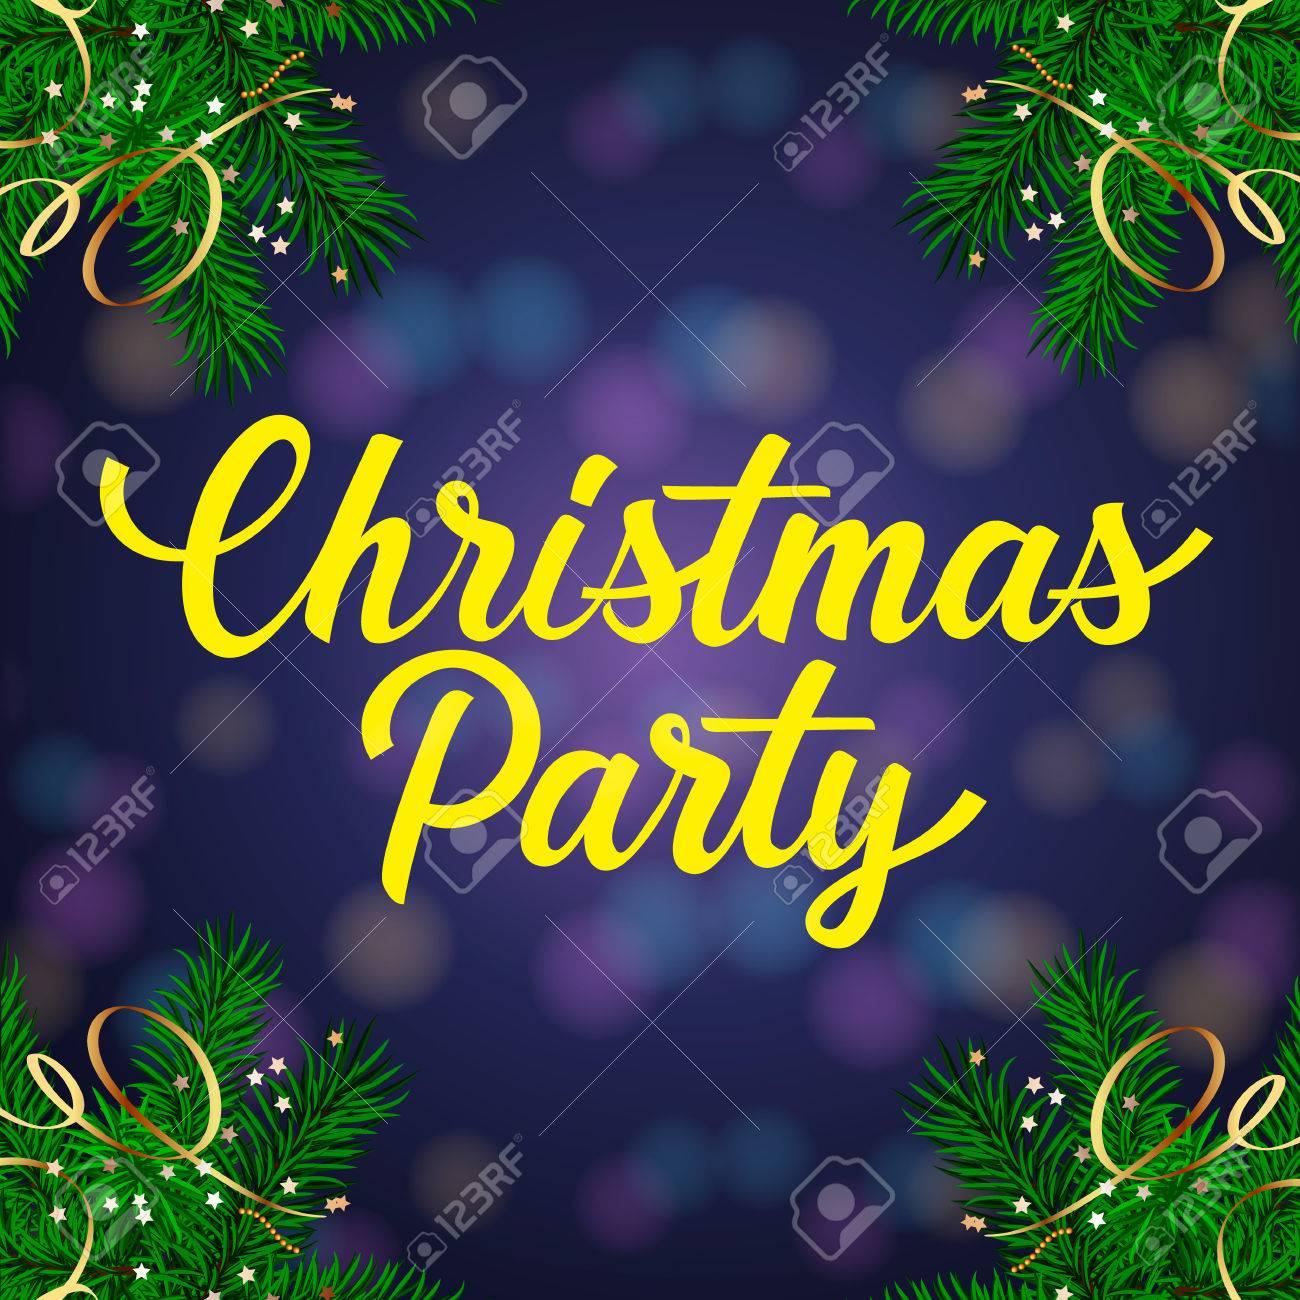 Letras De La Fiesta De Navidad Invitación De La Navidad Con Ramas De Abeto Decorado Texto Escrito A Mano La Caligrafía Para Invitaciones